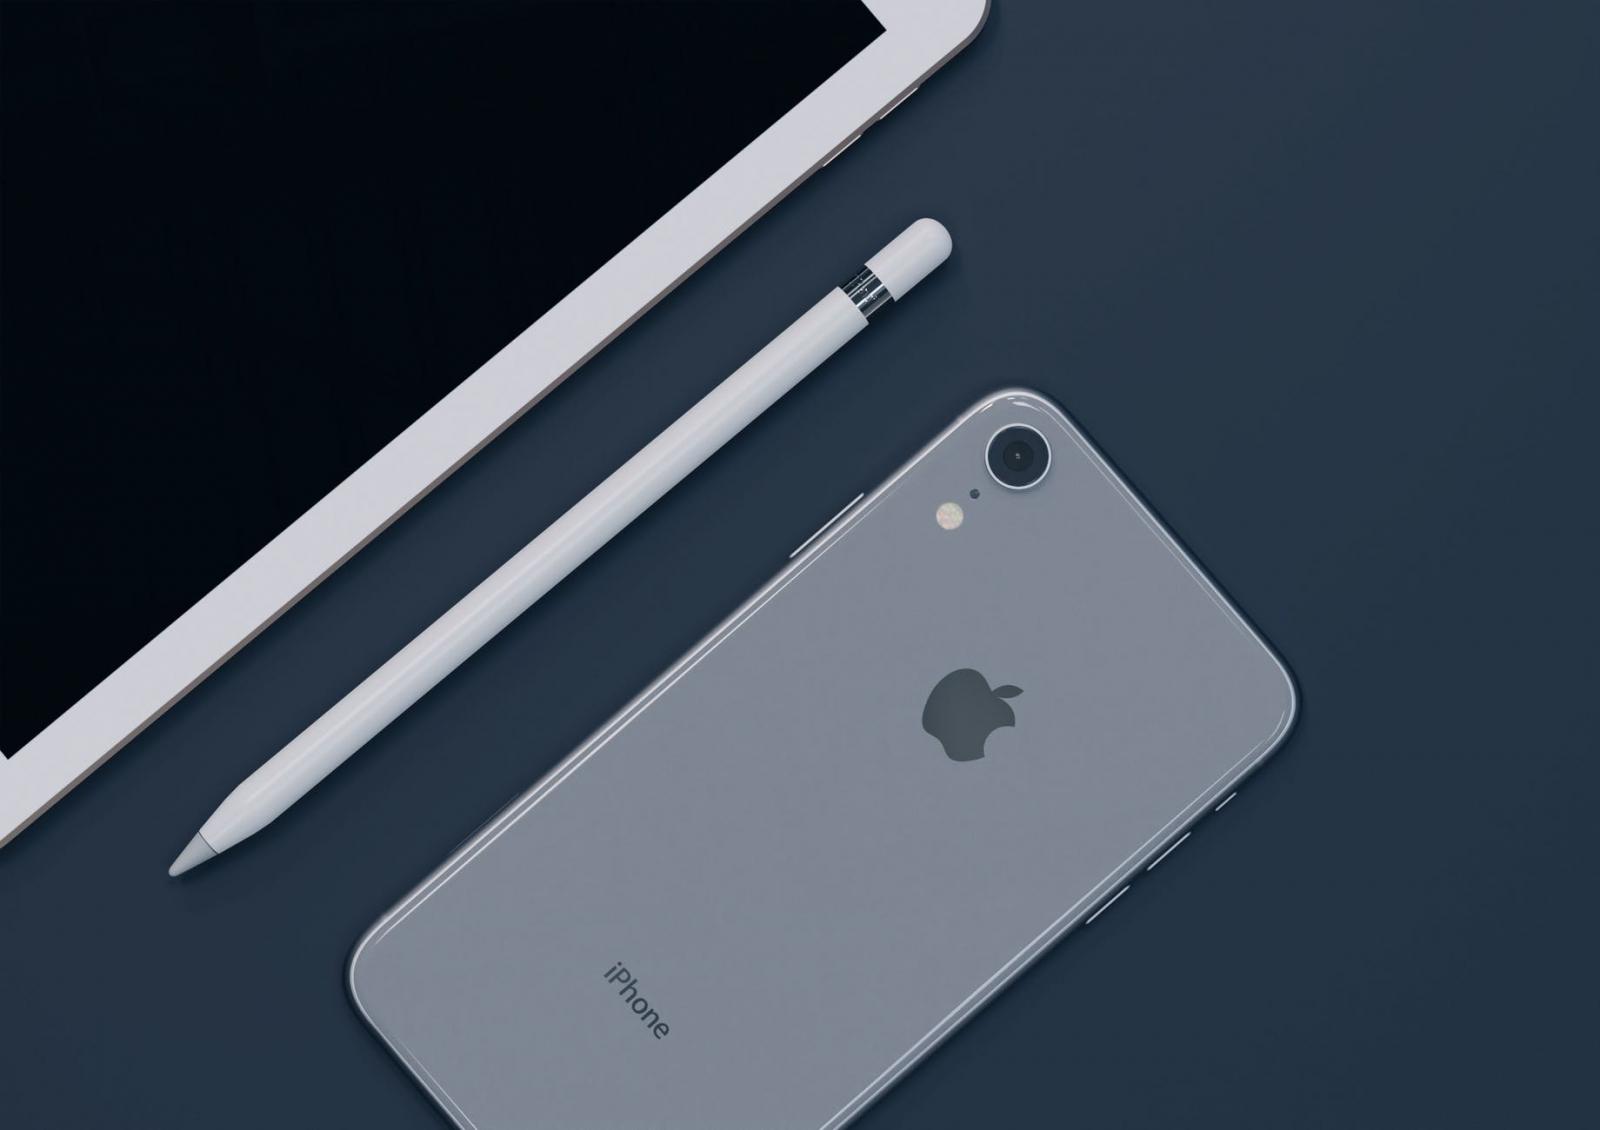 【快訊】 iPhoneMini 成絕響?《日經》爆料將停產 明年推出平價5G機